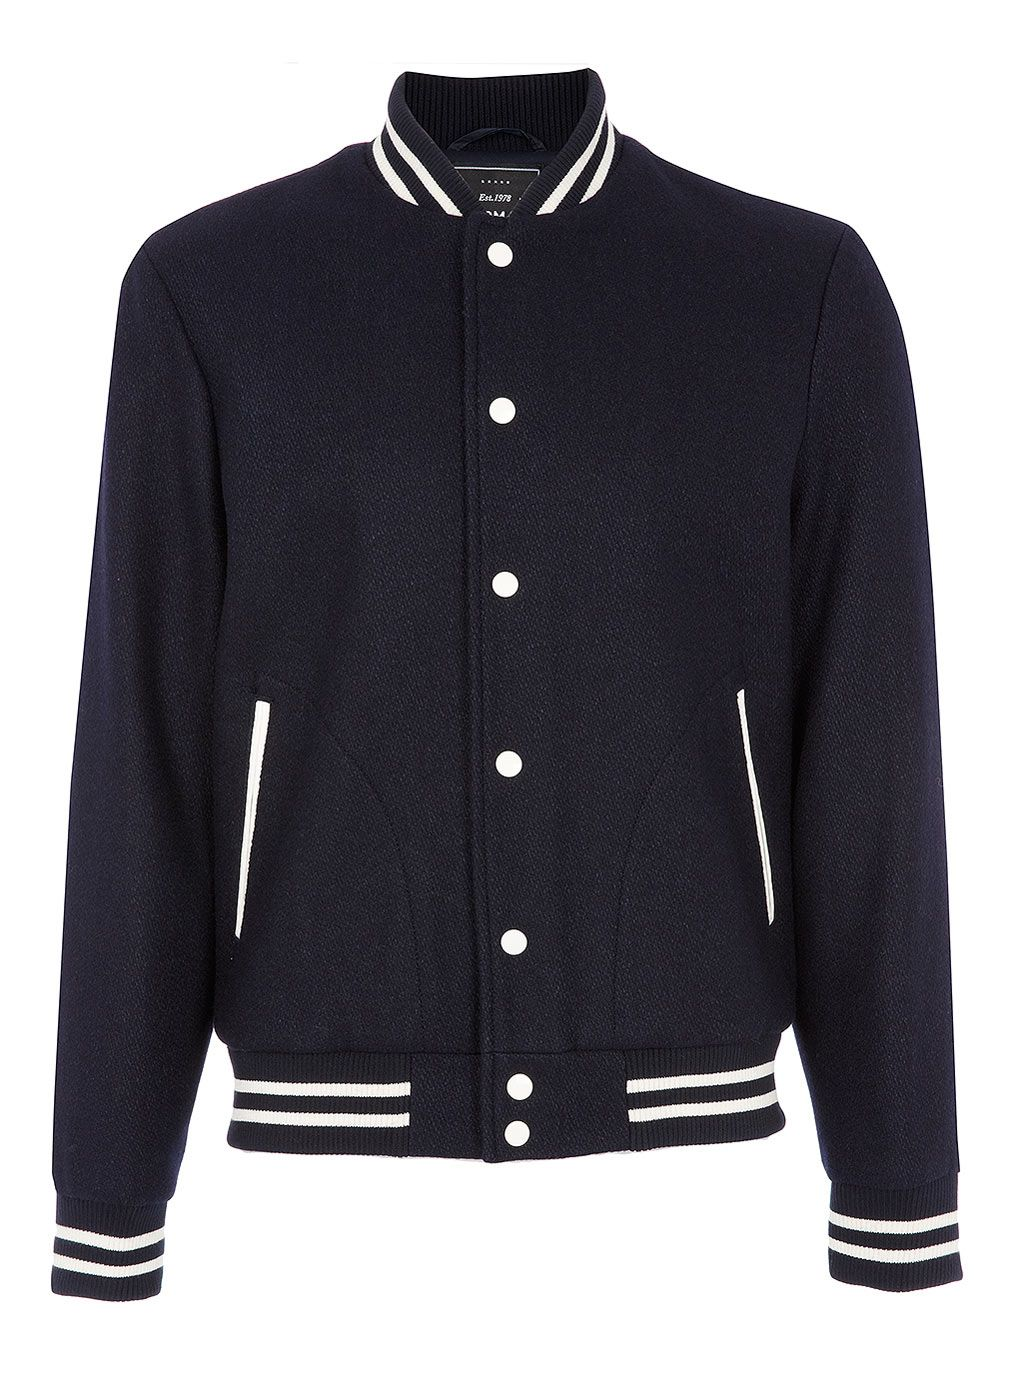 Navy wool varsity bomber Varsity jacket, Checks fashion